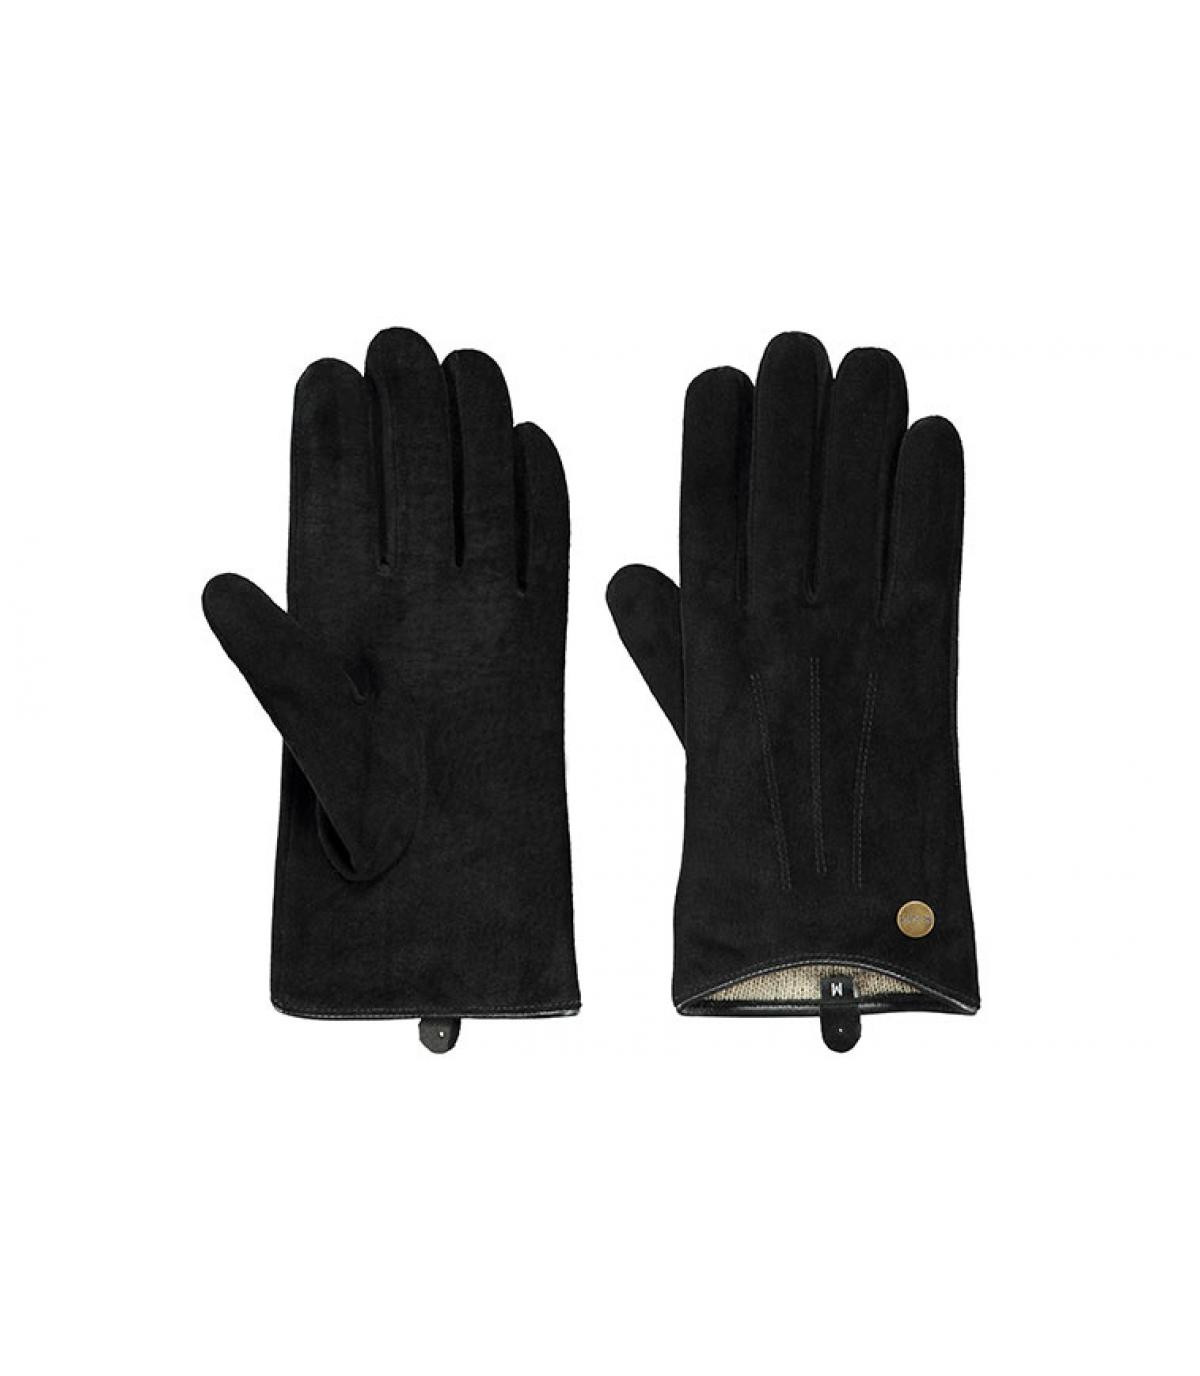 Details Christina Gloves black - afbeeling 2